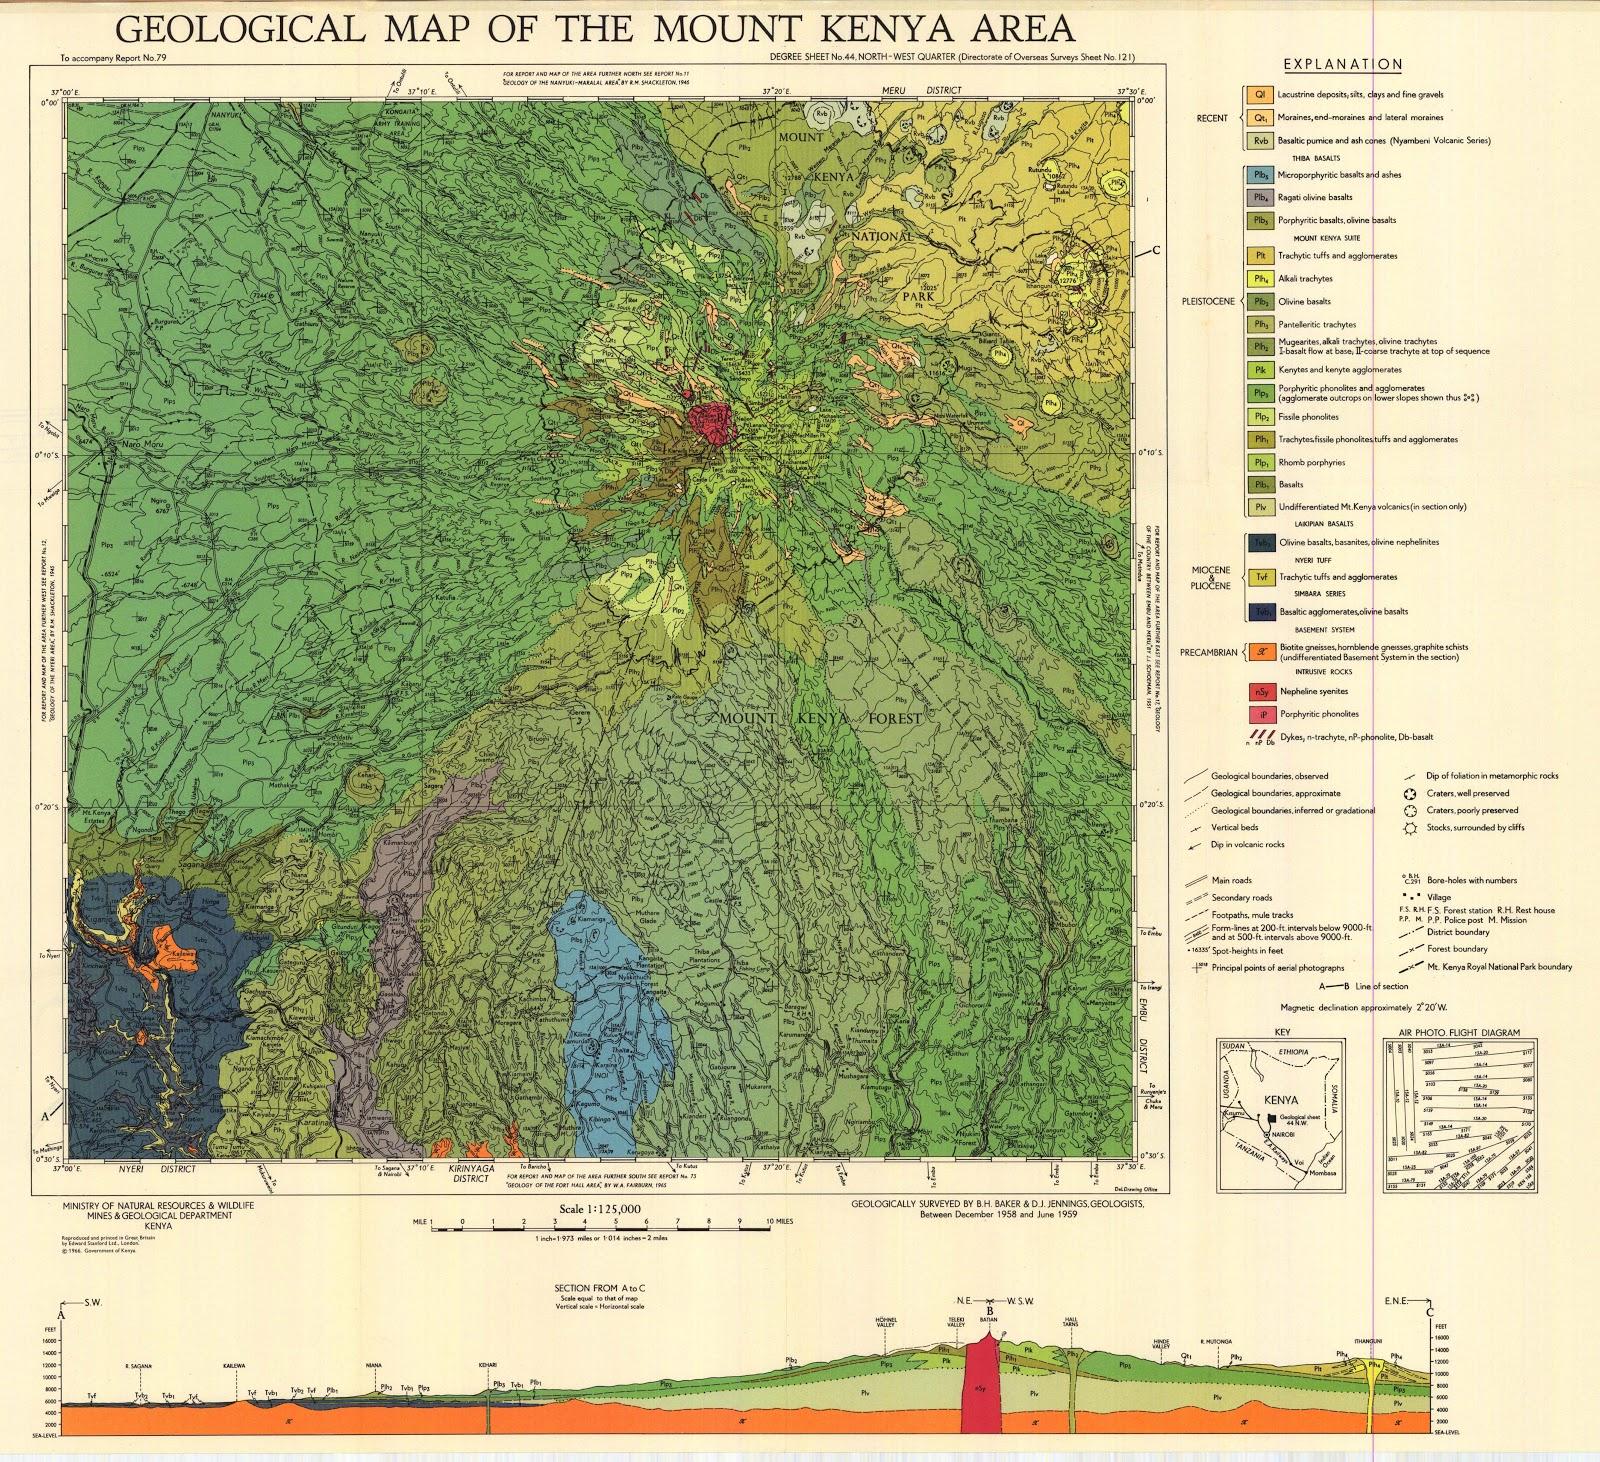 Mt kenya national park geoparks in kenya mt kenya national park gumiabroncs Images